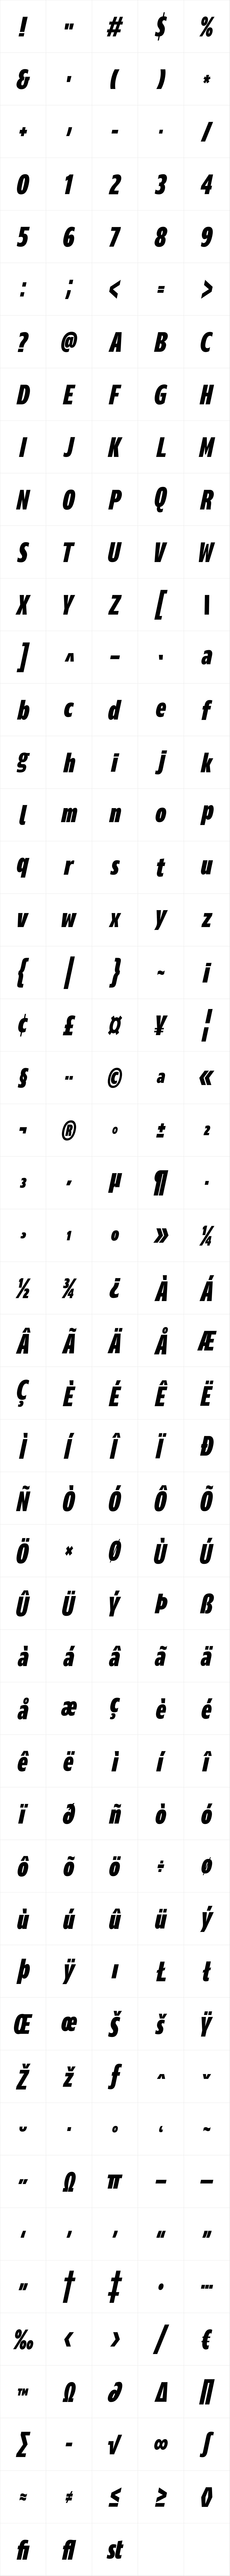 Ramston Medium Condensed Italic